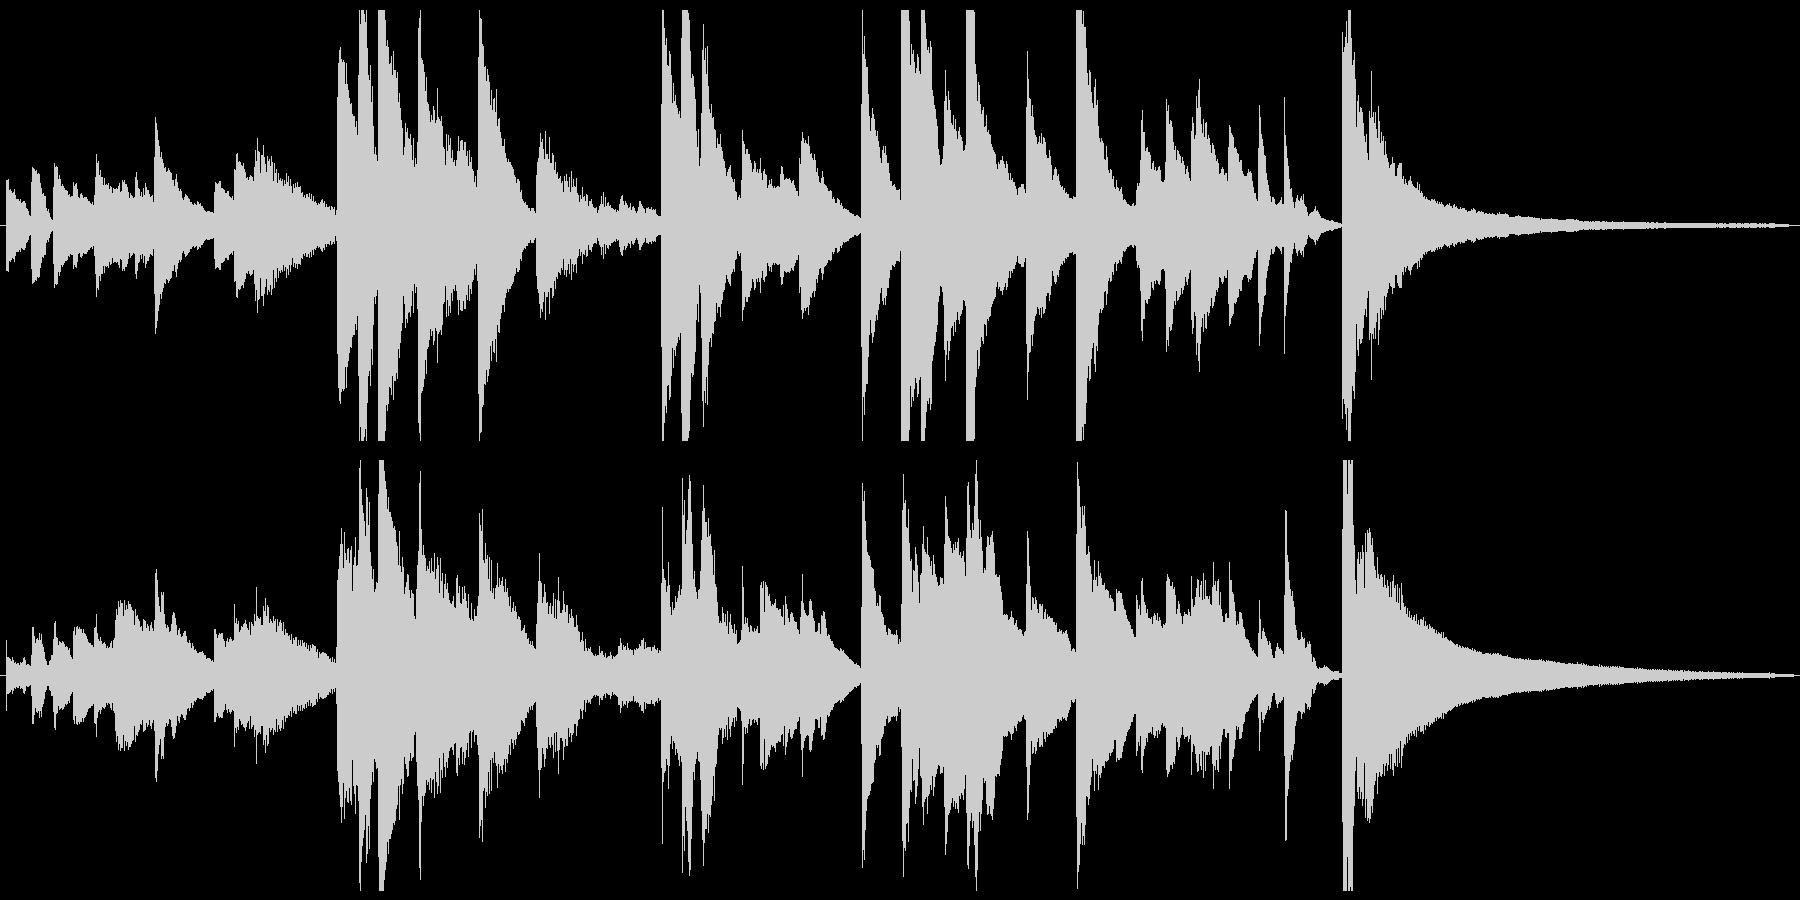 悲しいピアノソロのショートBGMの未再生の波形